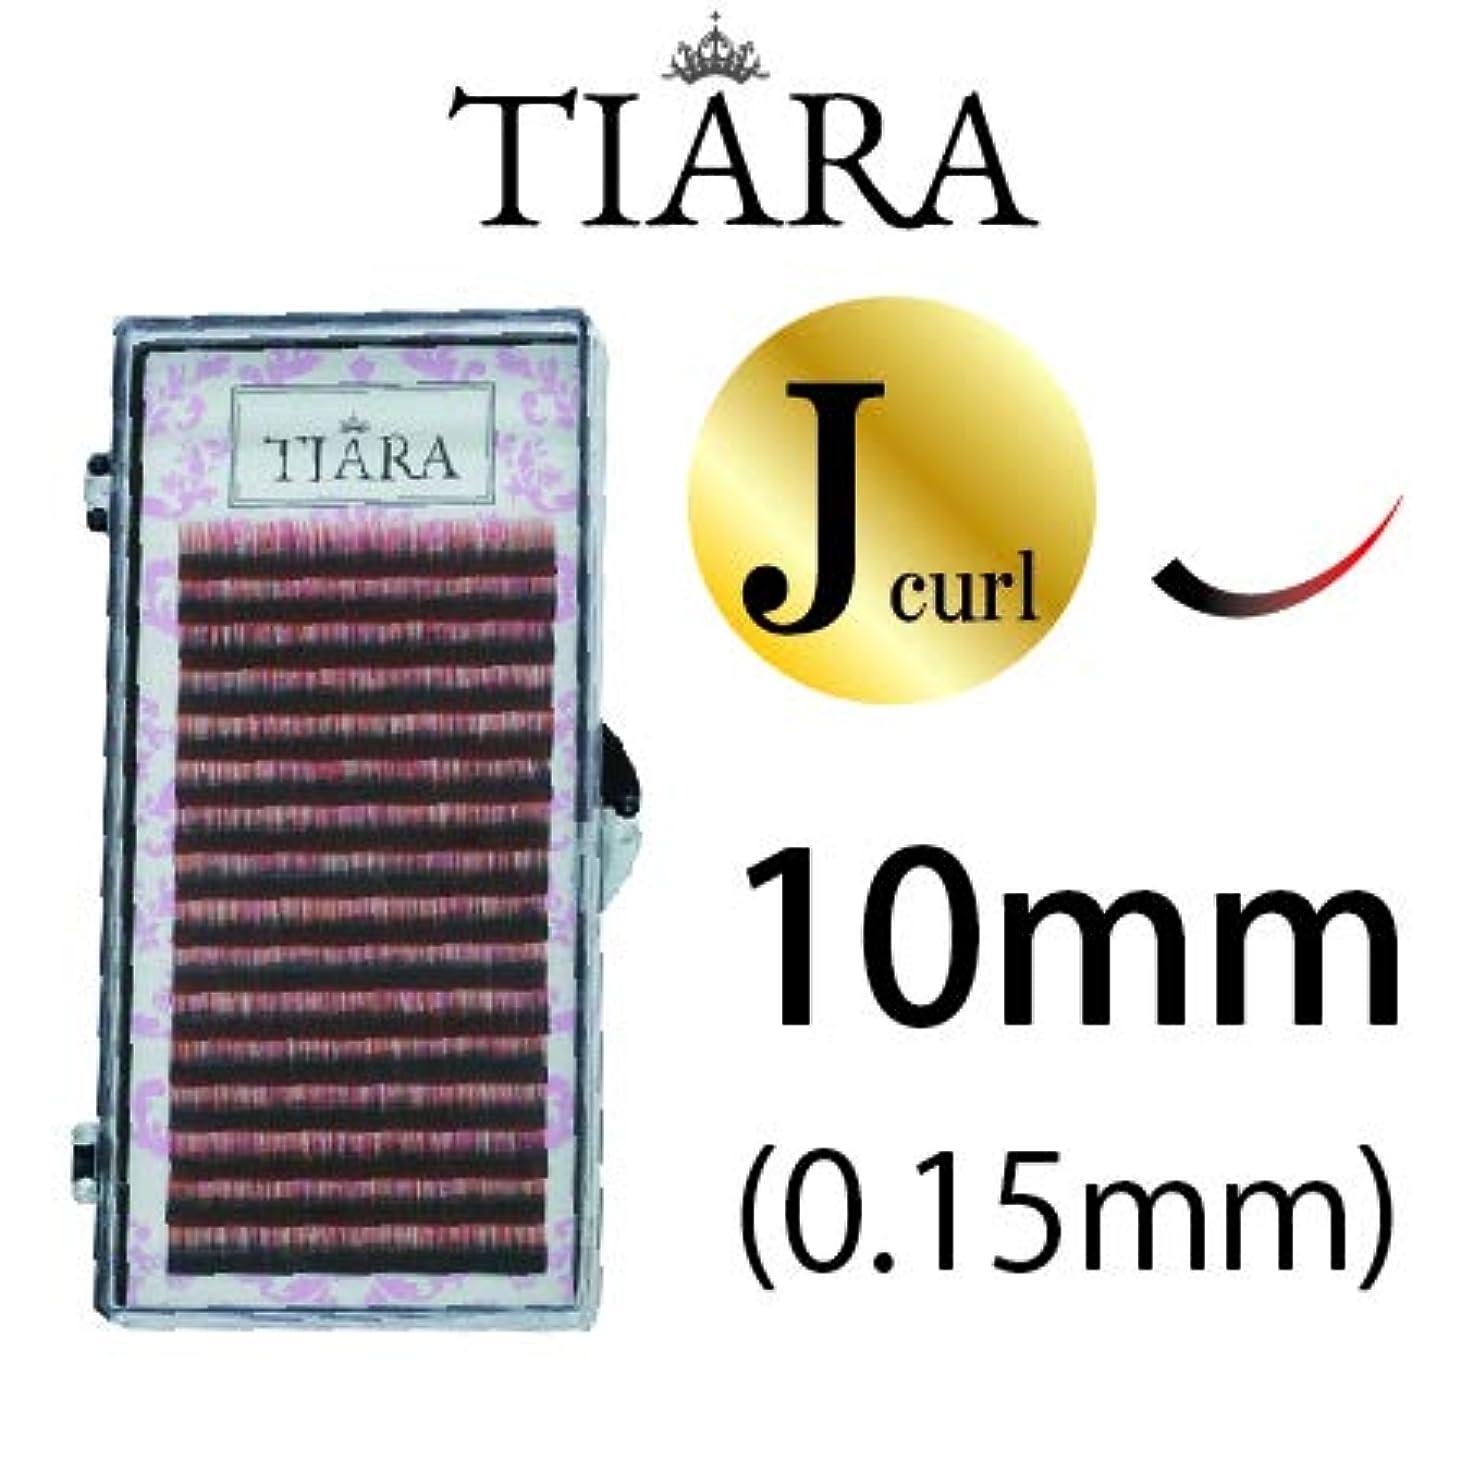 破滅的な磁器化石まつげエクステ/グラデーションマツエク/アイリスト共同開発/Jカール/0.15mm/16列シート【グラデーションカラーラッシュTIARA】 (10mm, レッド&ブラック)